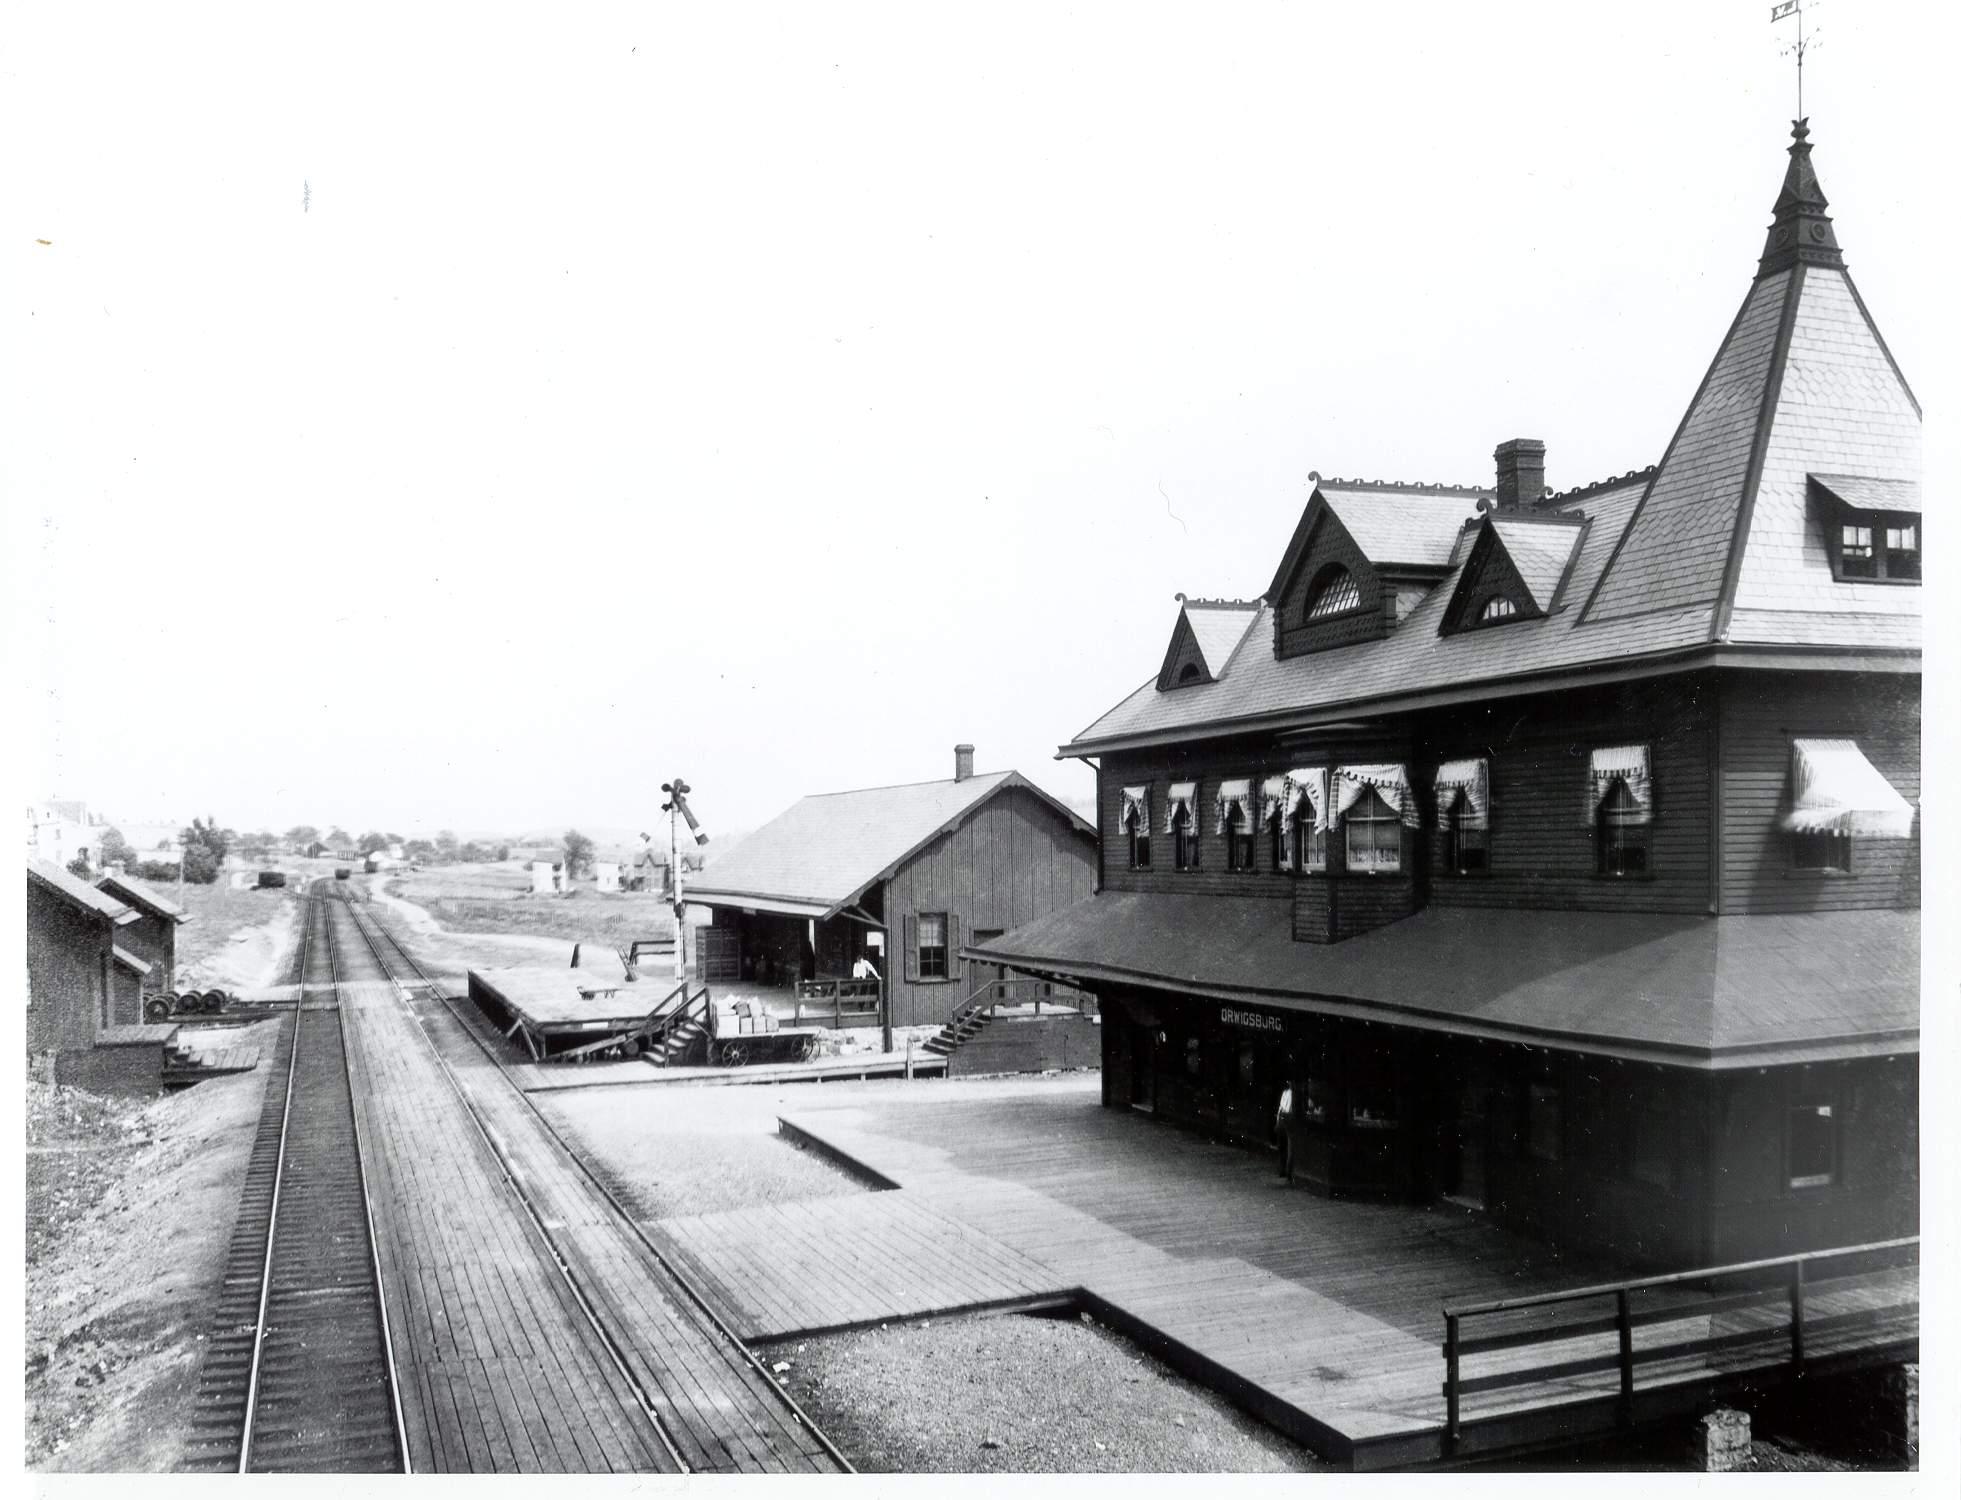 Orwigsburg Pa. Depot